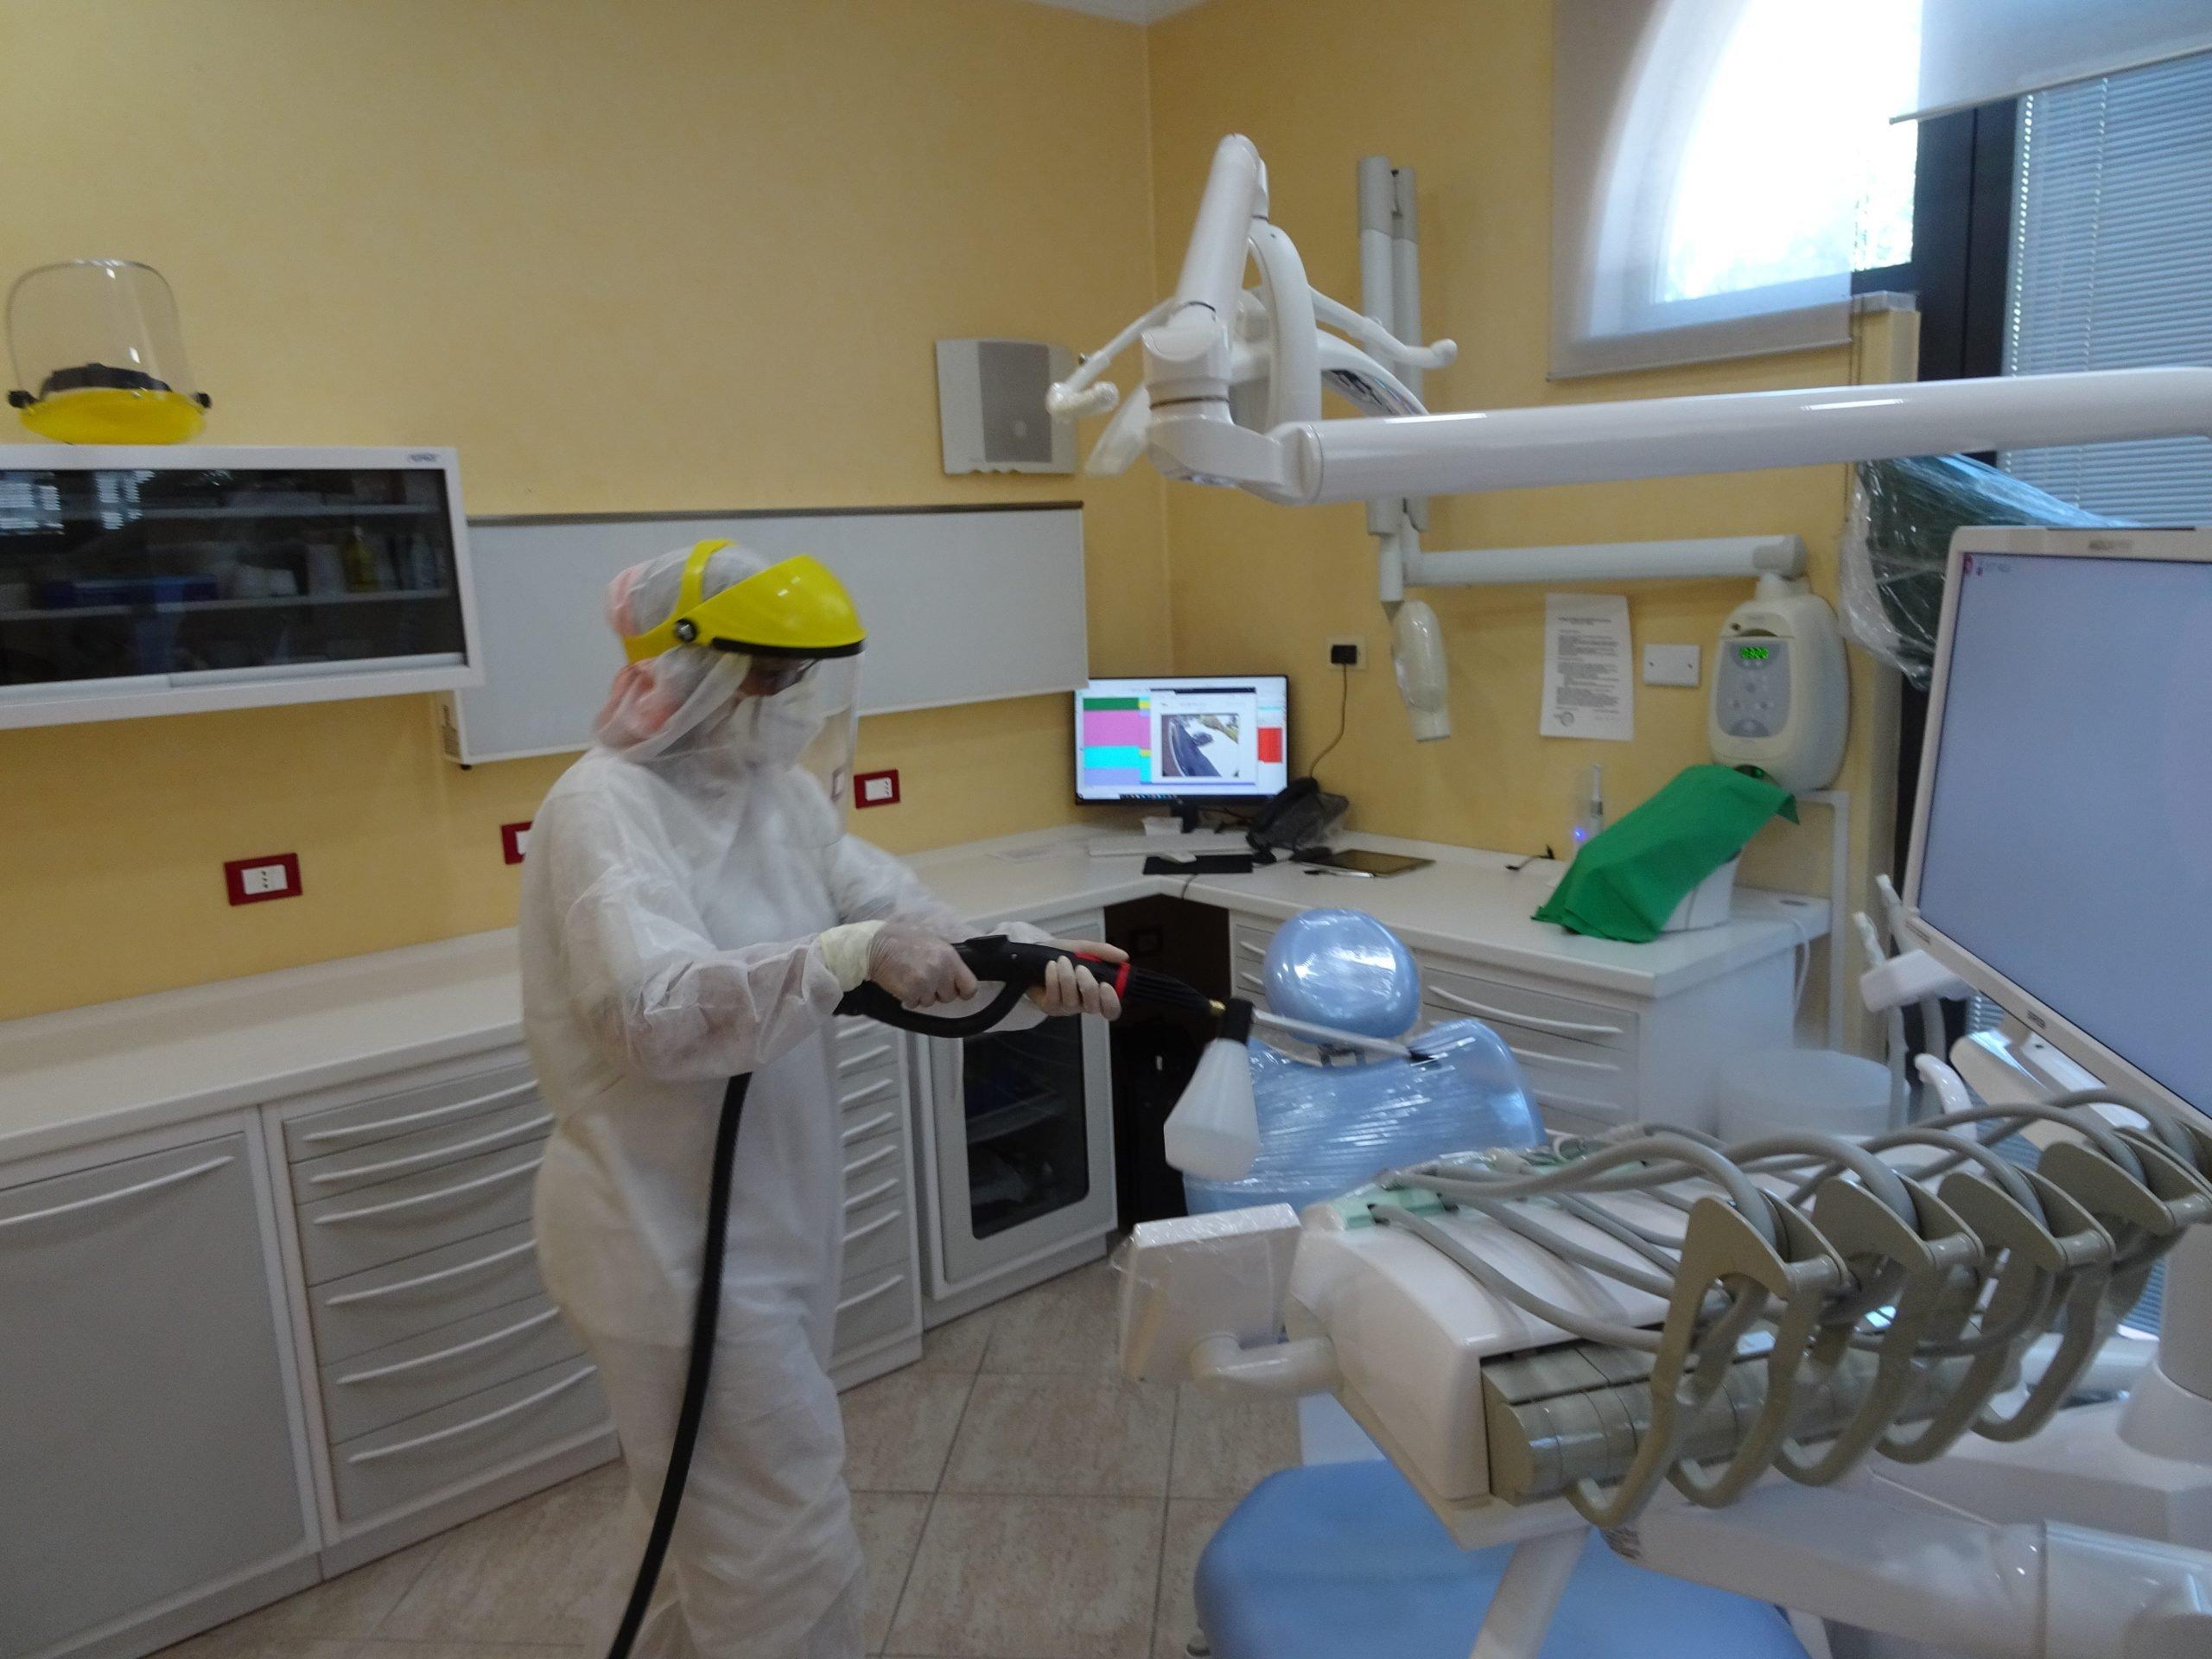 Pulizia e igien nello studio dentistico